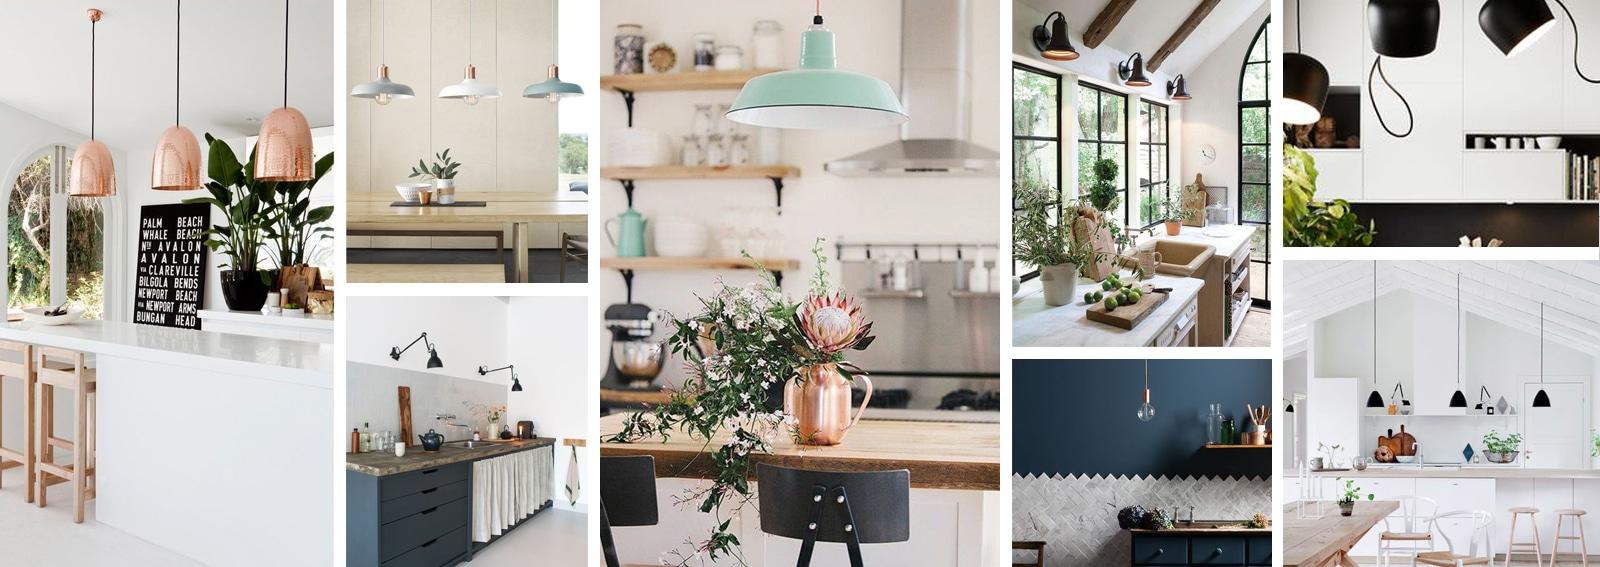 Come illuminare la cucina 15 idee da copiare grazia - Illuminazione per cucina moderna ...